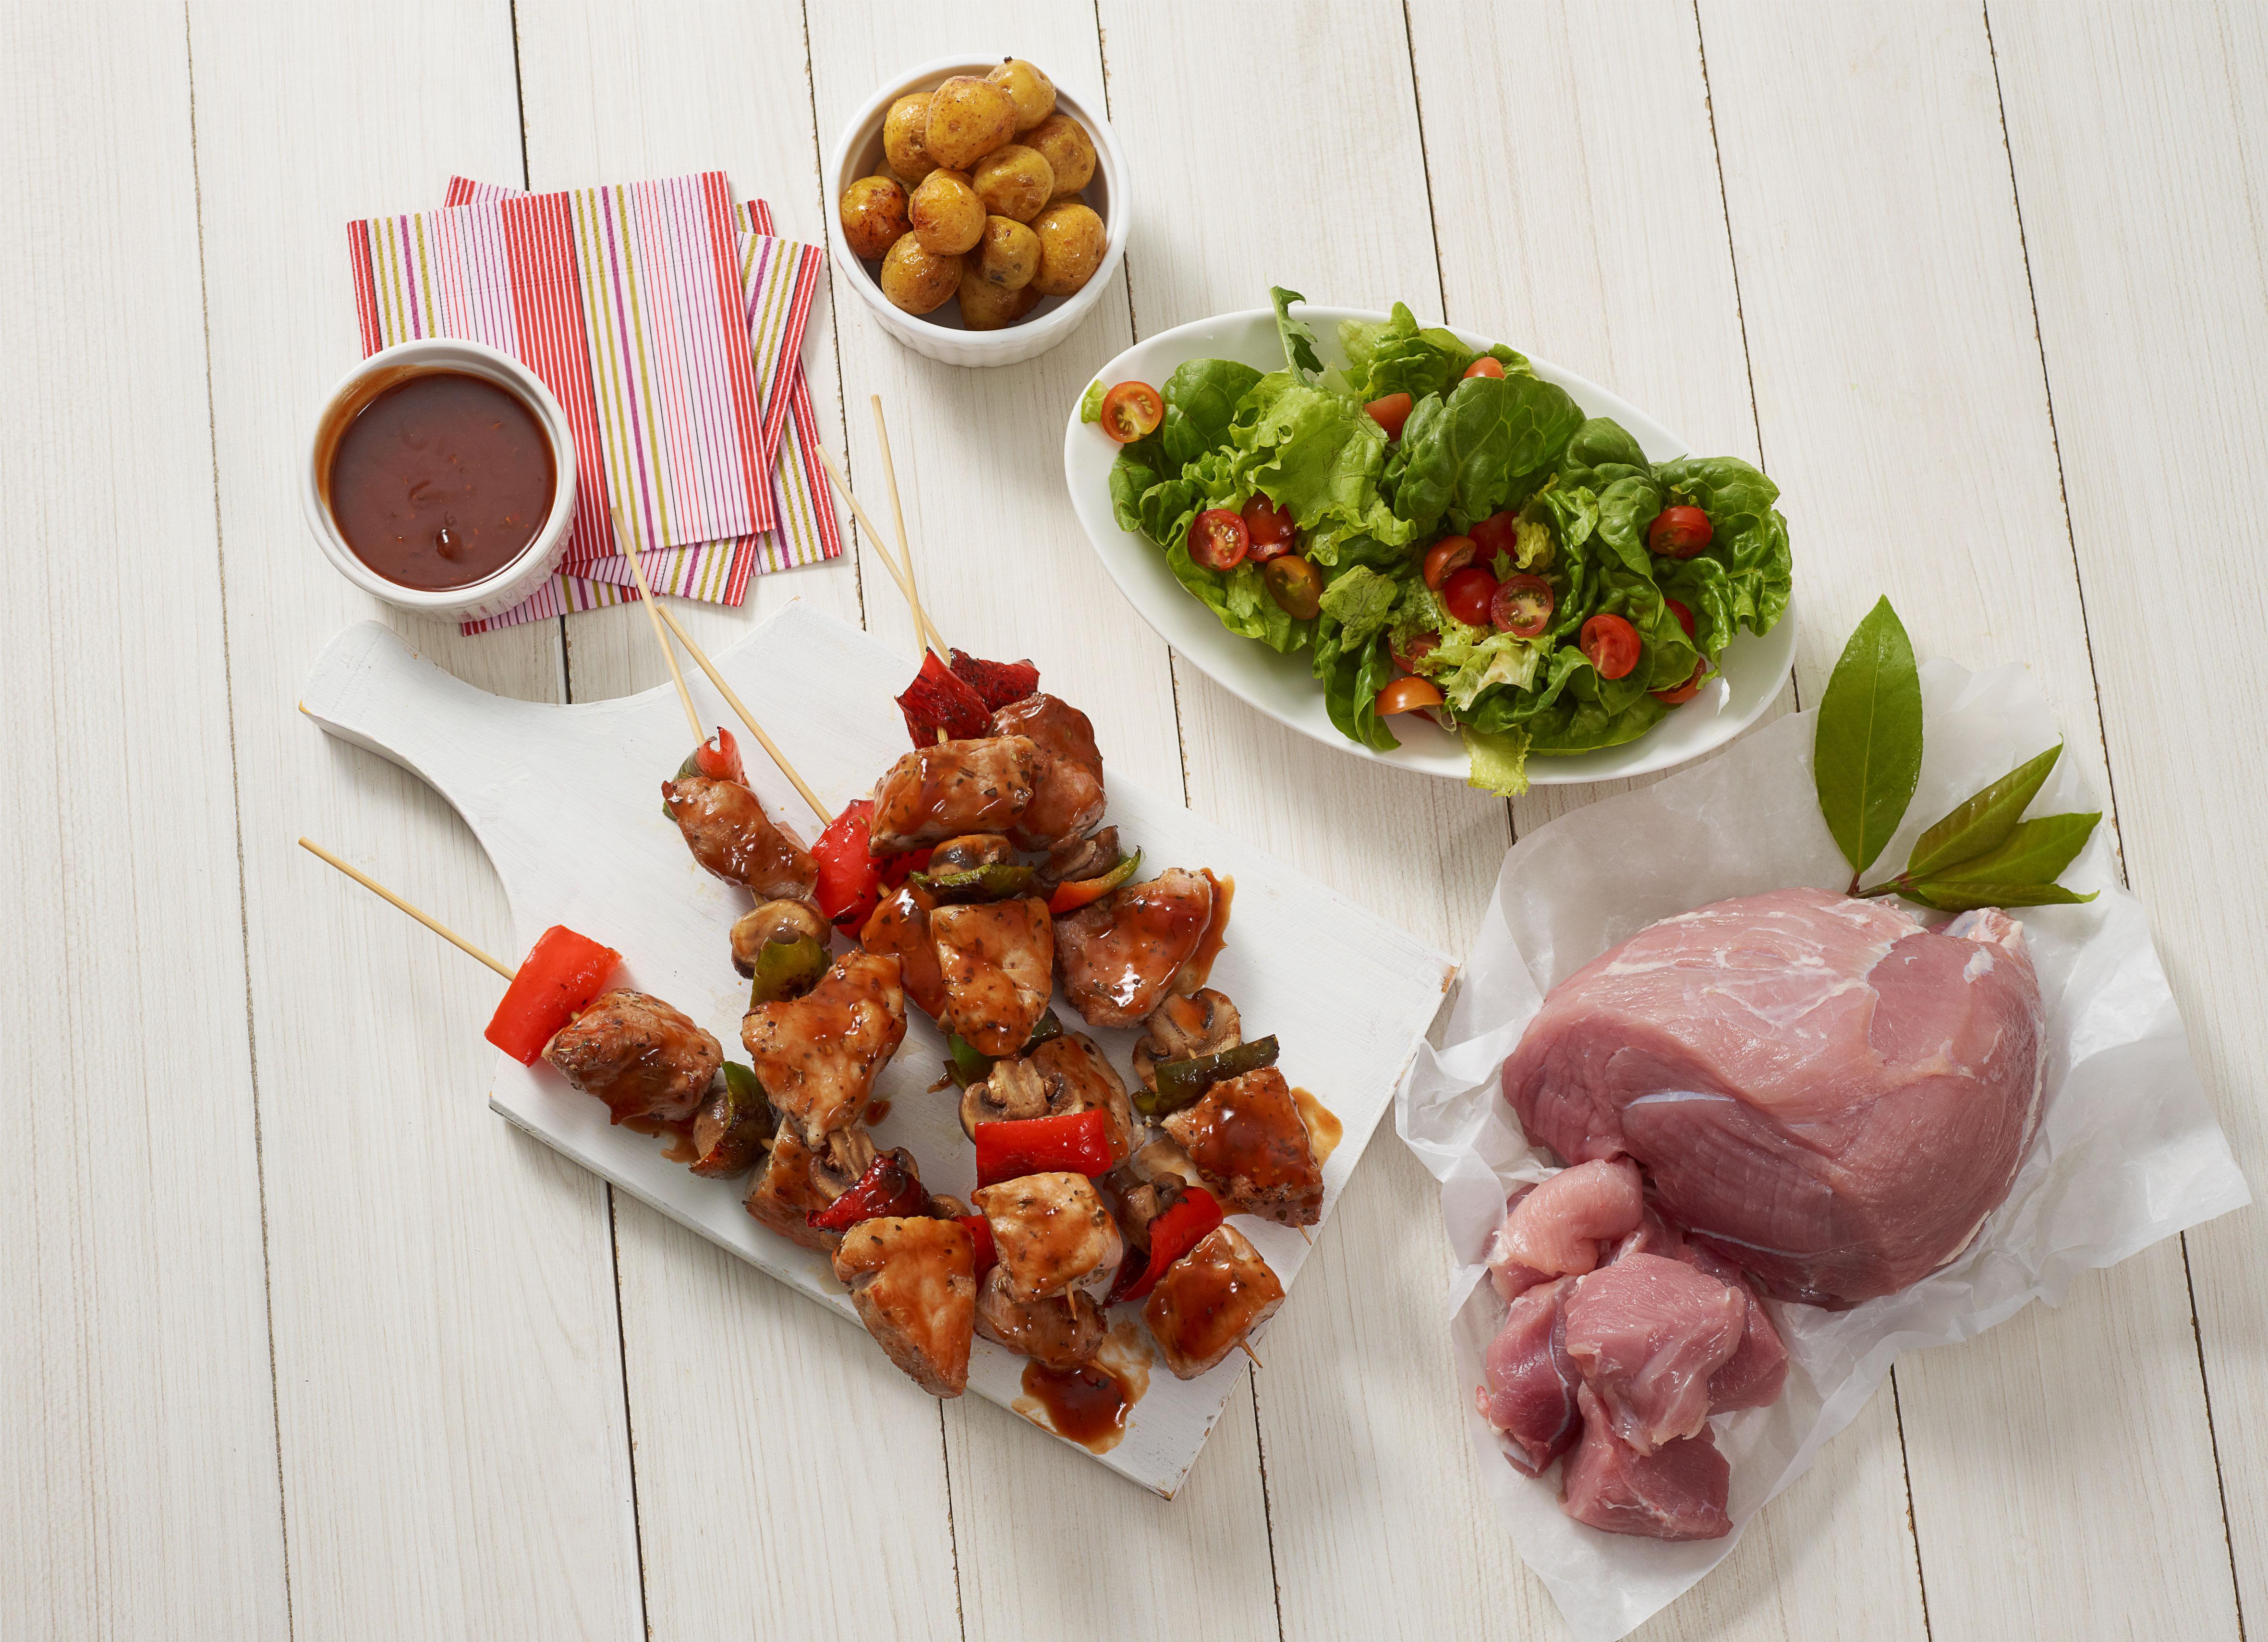 Hoy se consume más carne de cerdo colombiana en el país